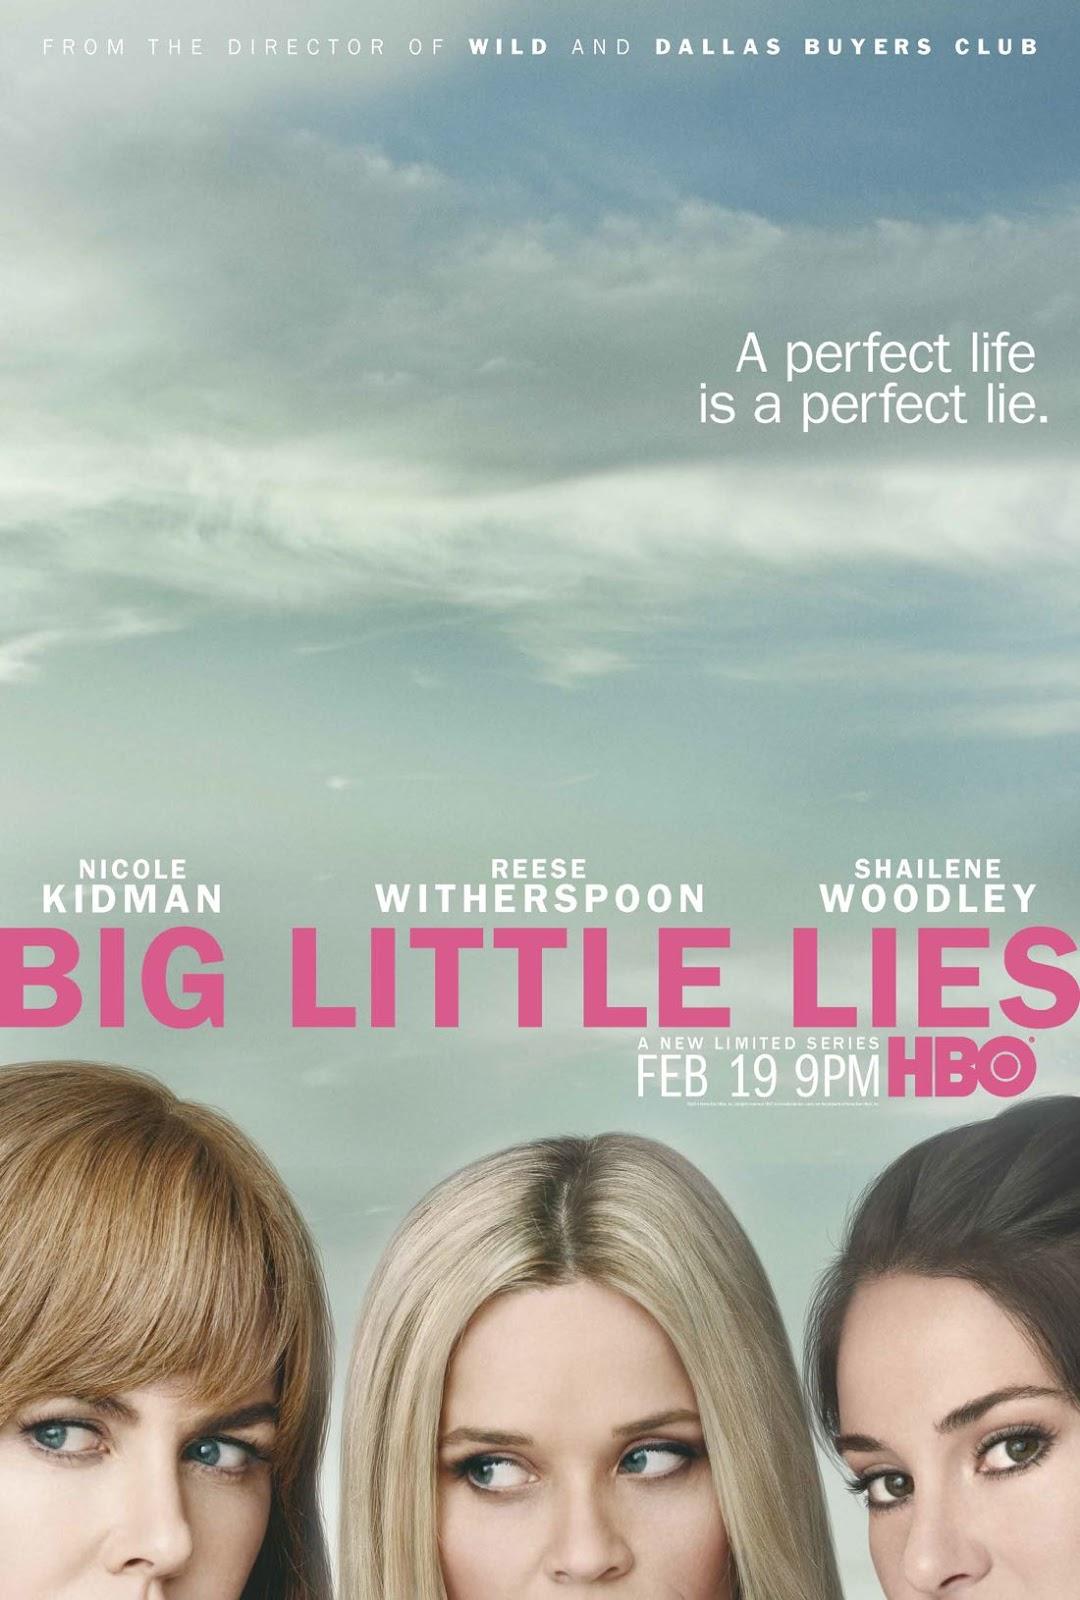 Big Little Lies Tv Show HBO